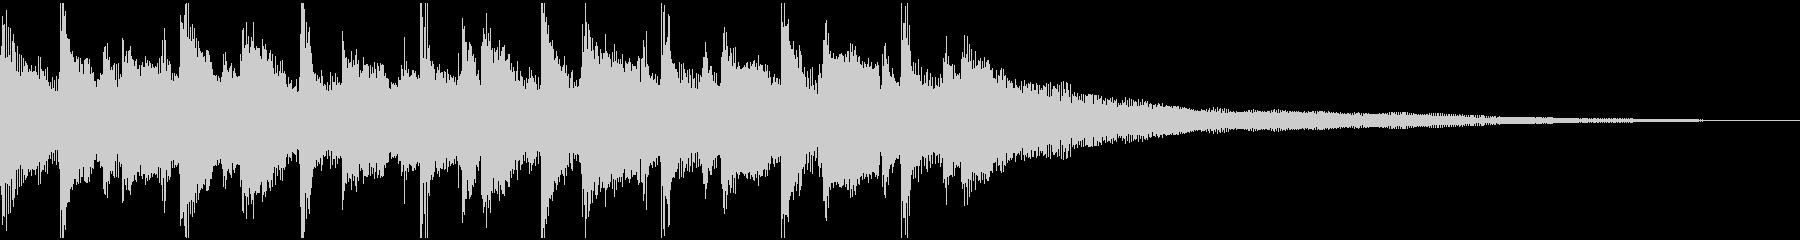 15秒ウクレレ、リコーダーの優しい楽曲Bの未再生の波形